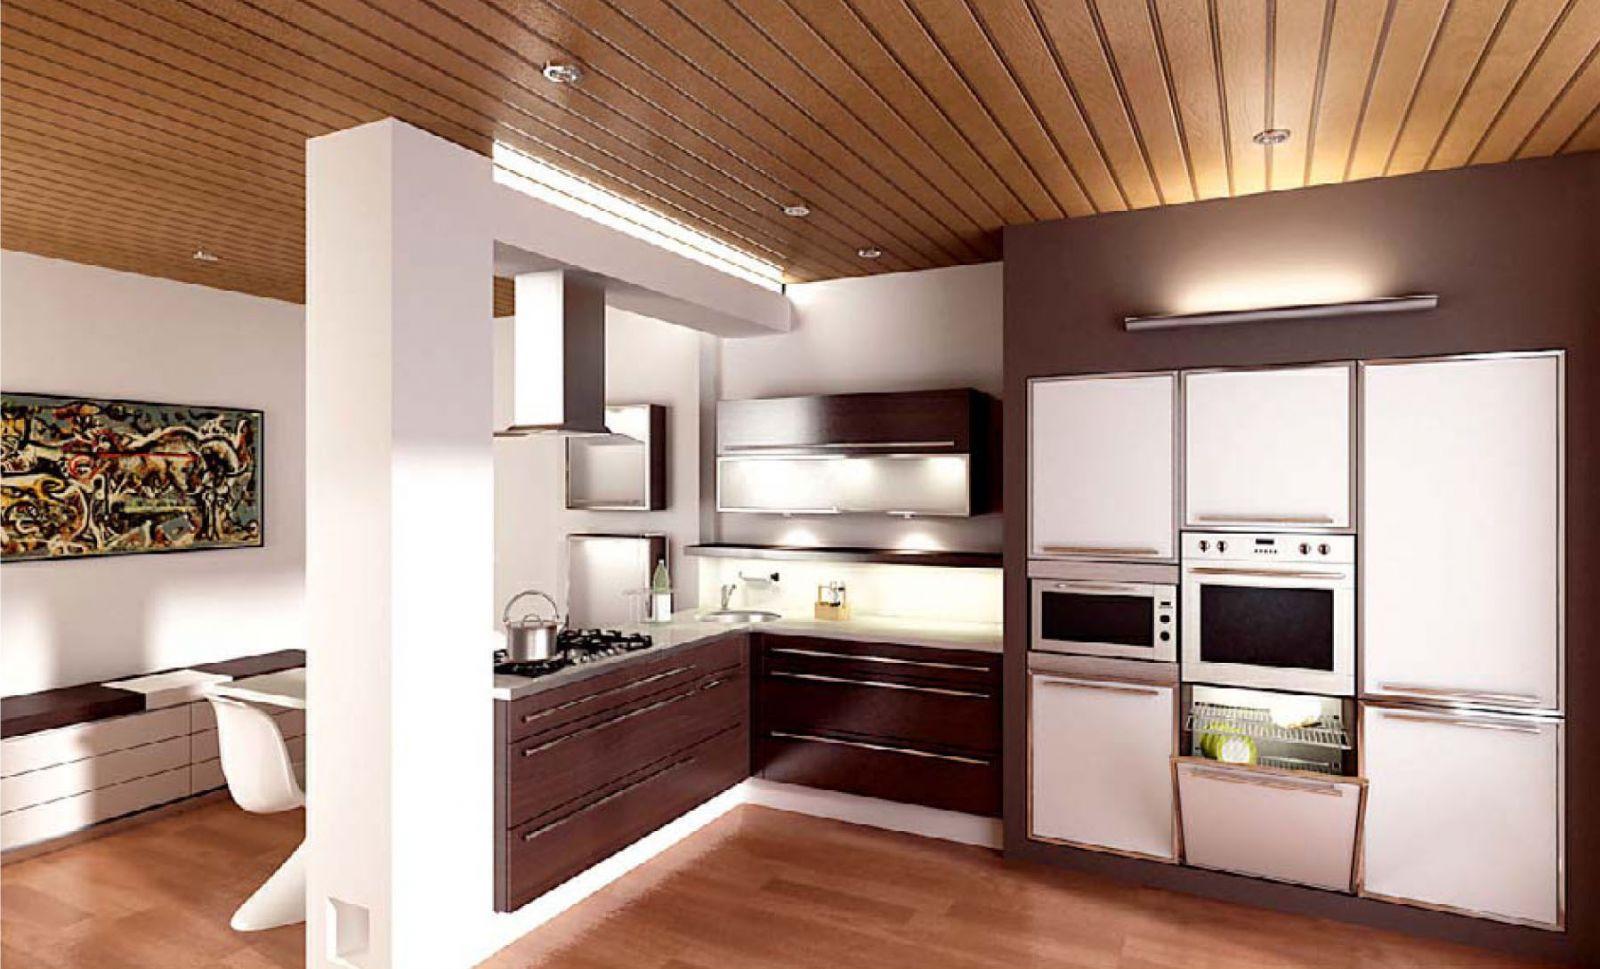 Giới thiệu những mẫu phòng bếp đẹp khiến các bà nội trợ mê tít